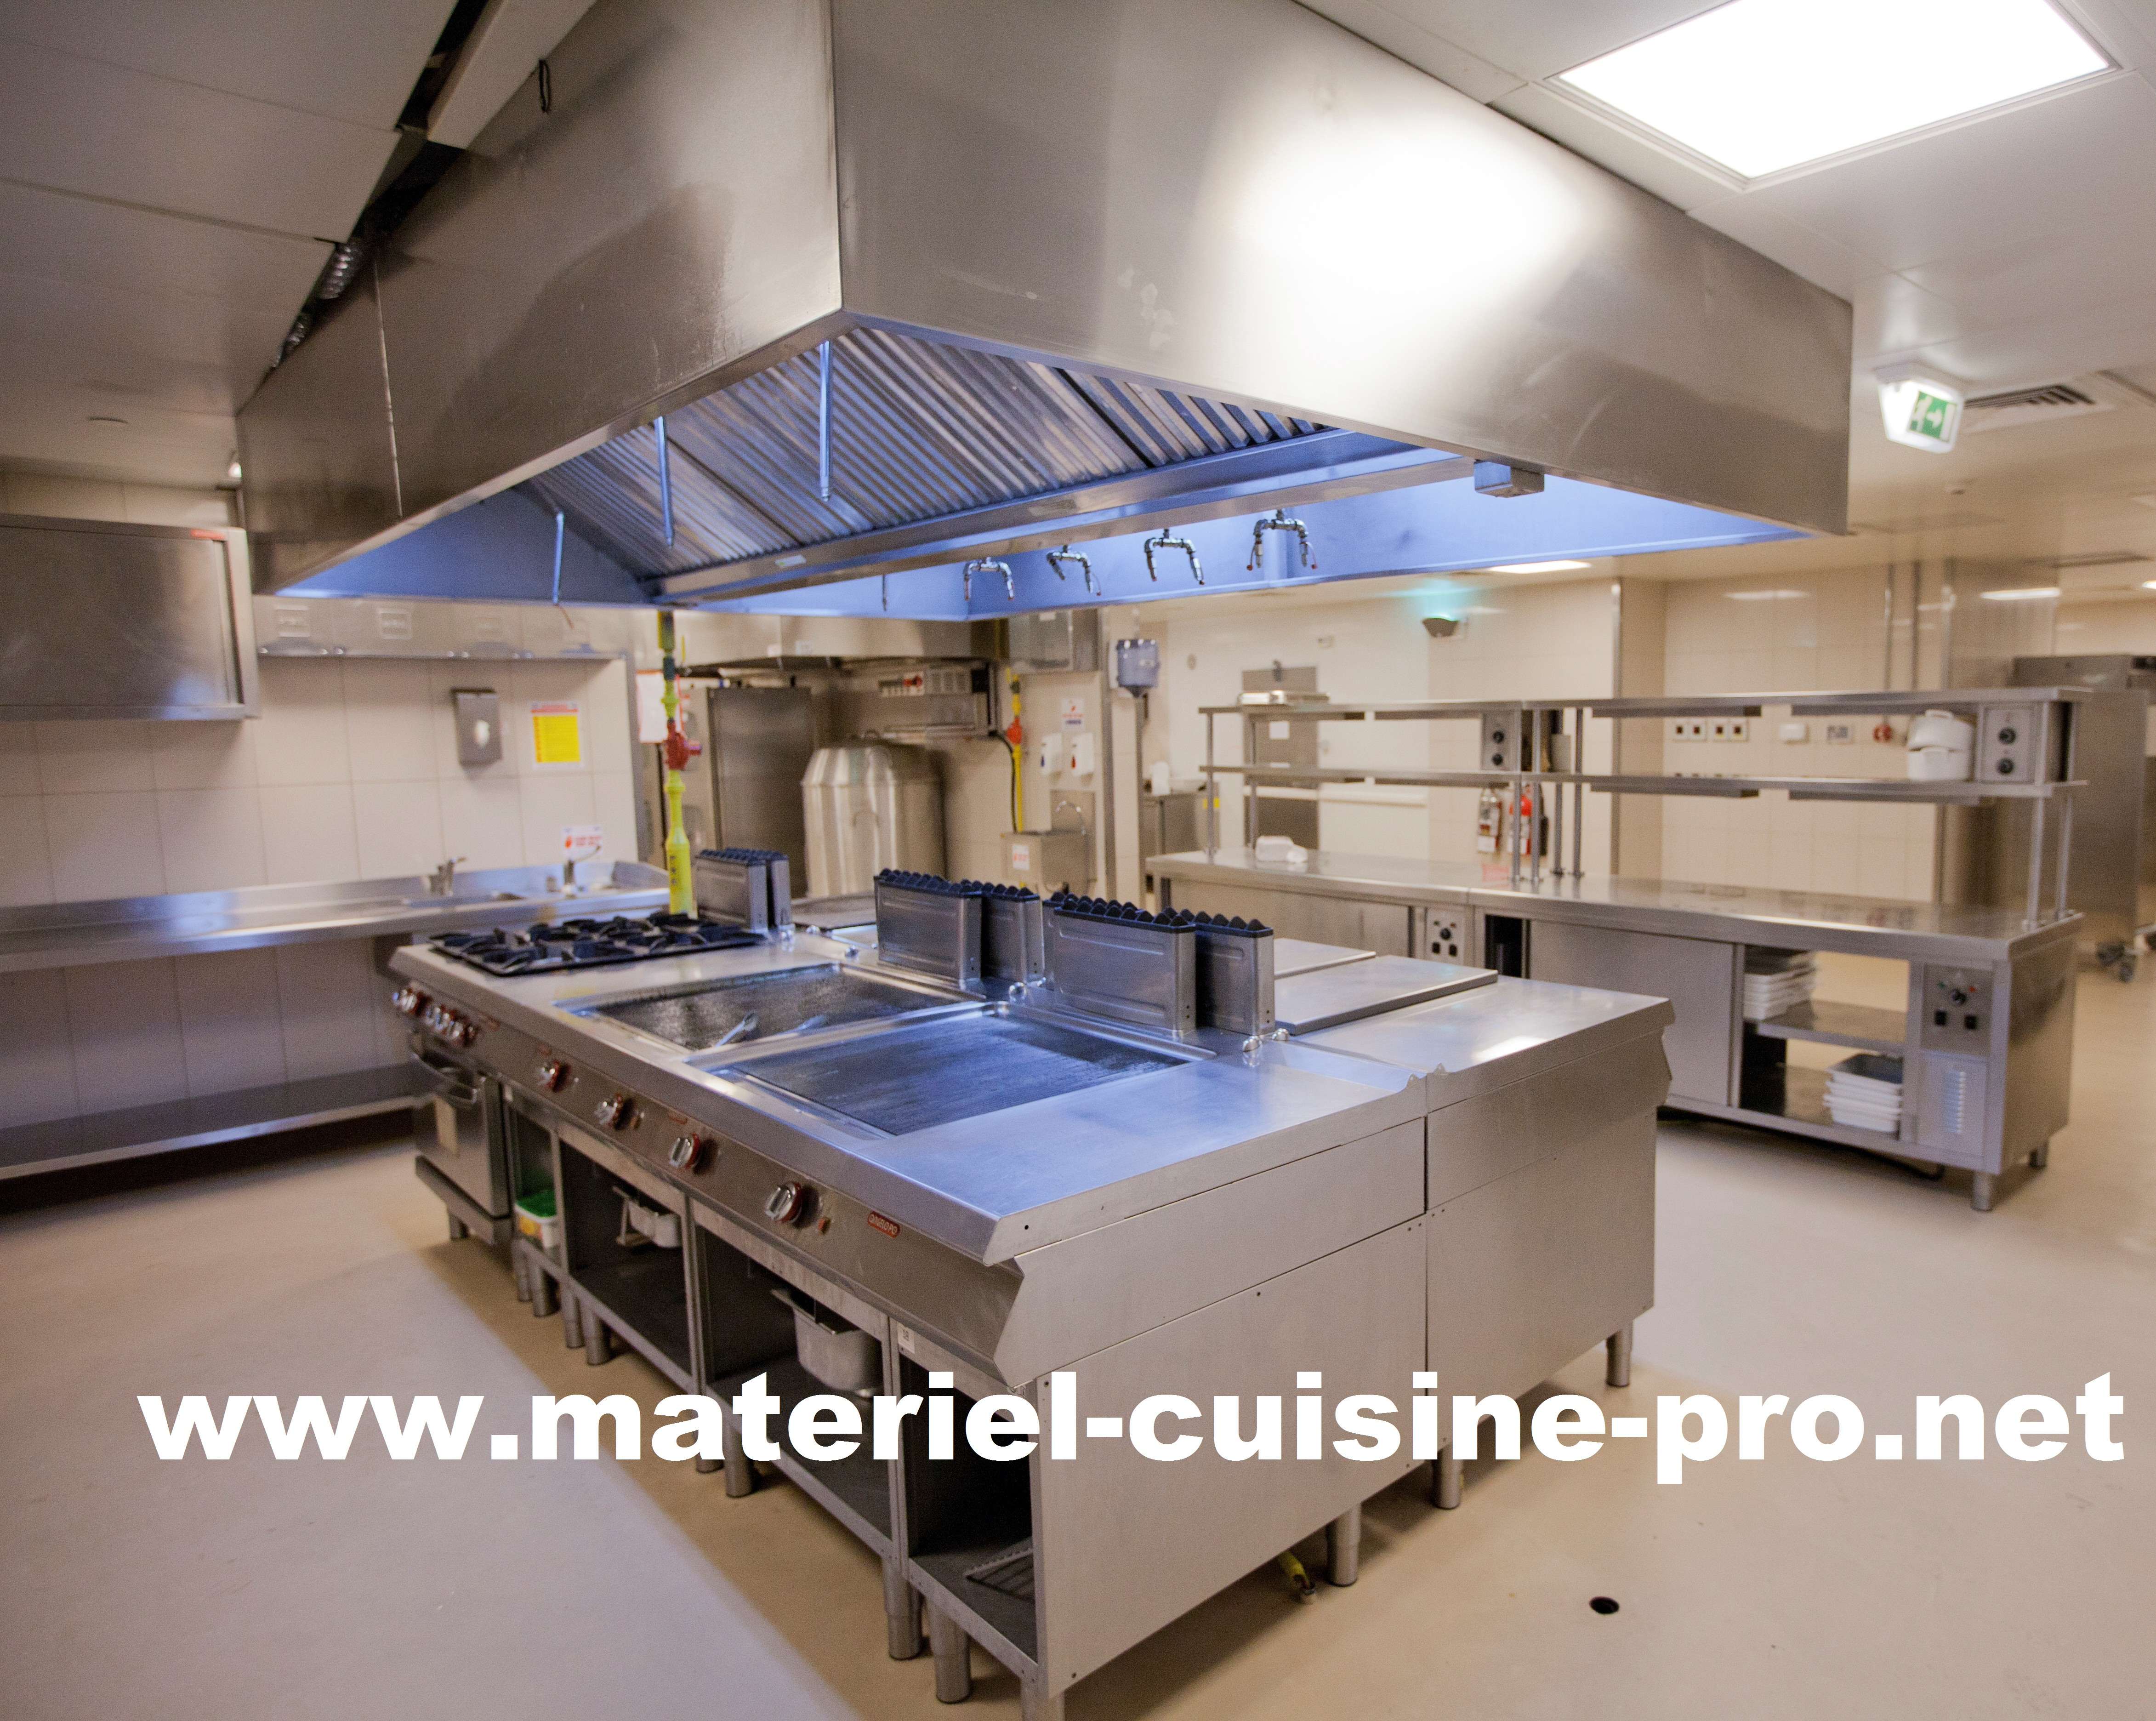 magasins et fournisseurs de mat riel de cuisine pro mat riel cuisine pro maroc. Black Bedroom Furniture Sets. Home Design Ideas